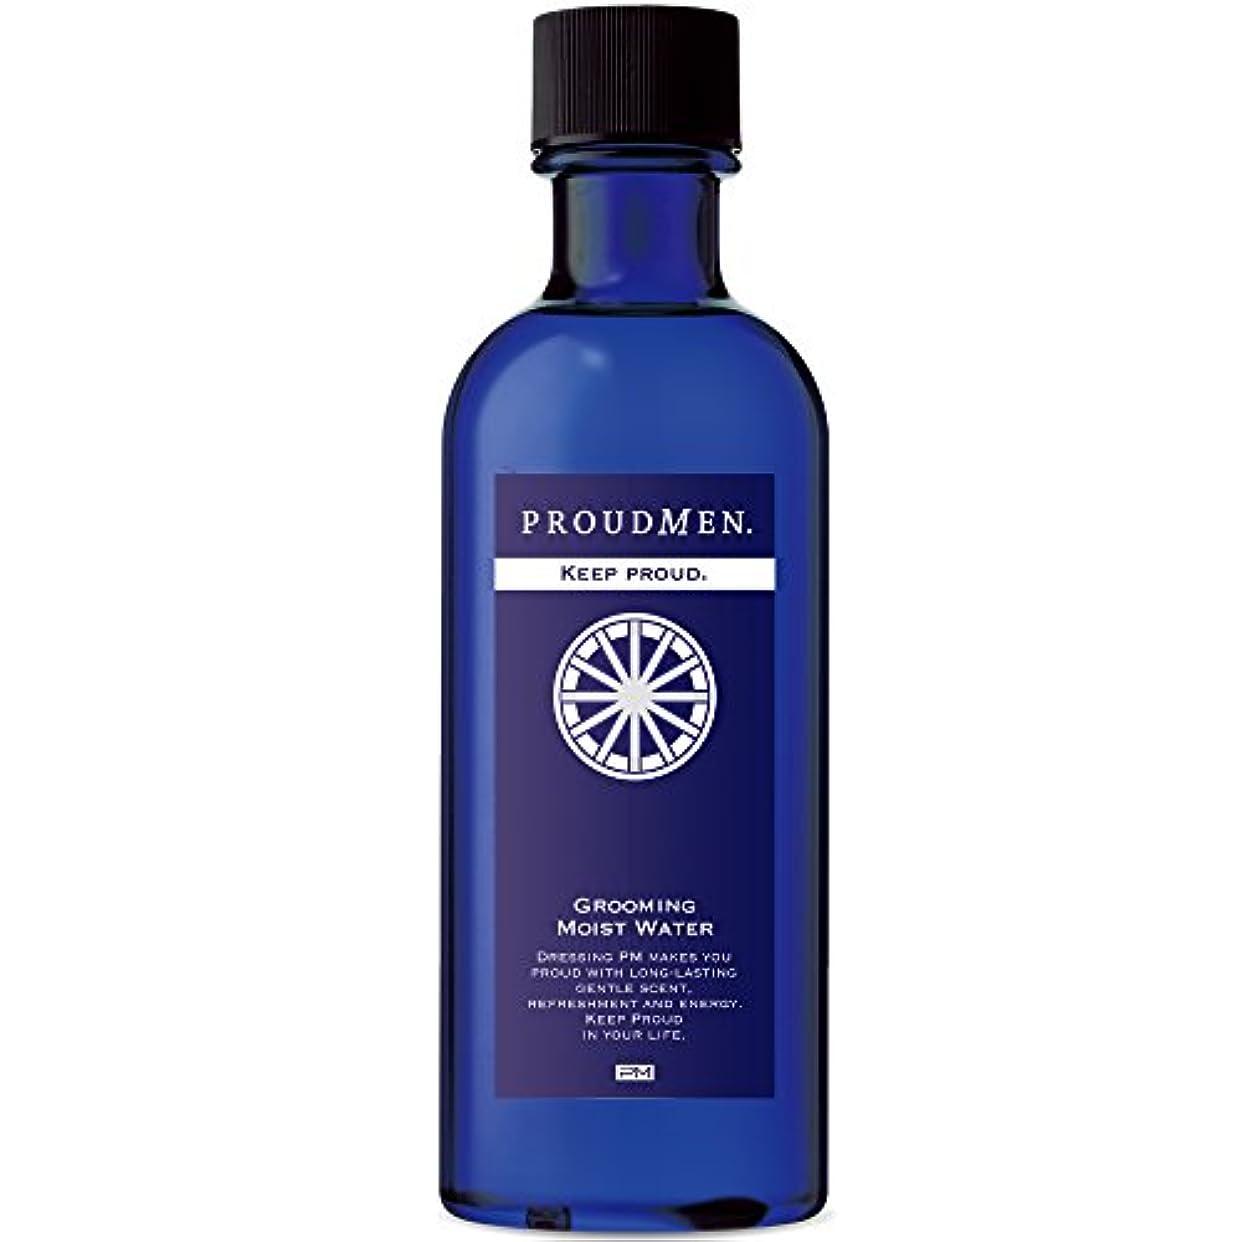 死すべき応答海洋プラウドメン グルーミングモイストウォーター 200ml (グルーミング?シトラスの香り) 化粧水 メンズ 顔用 アフターシェーブ